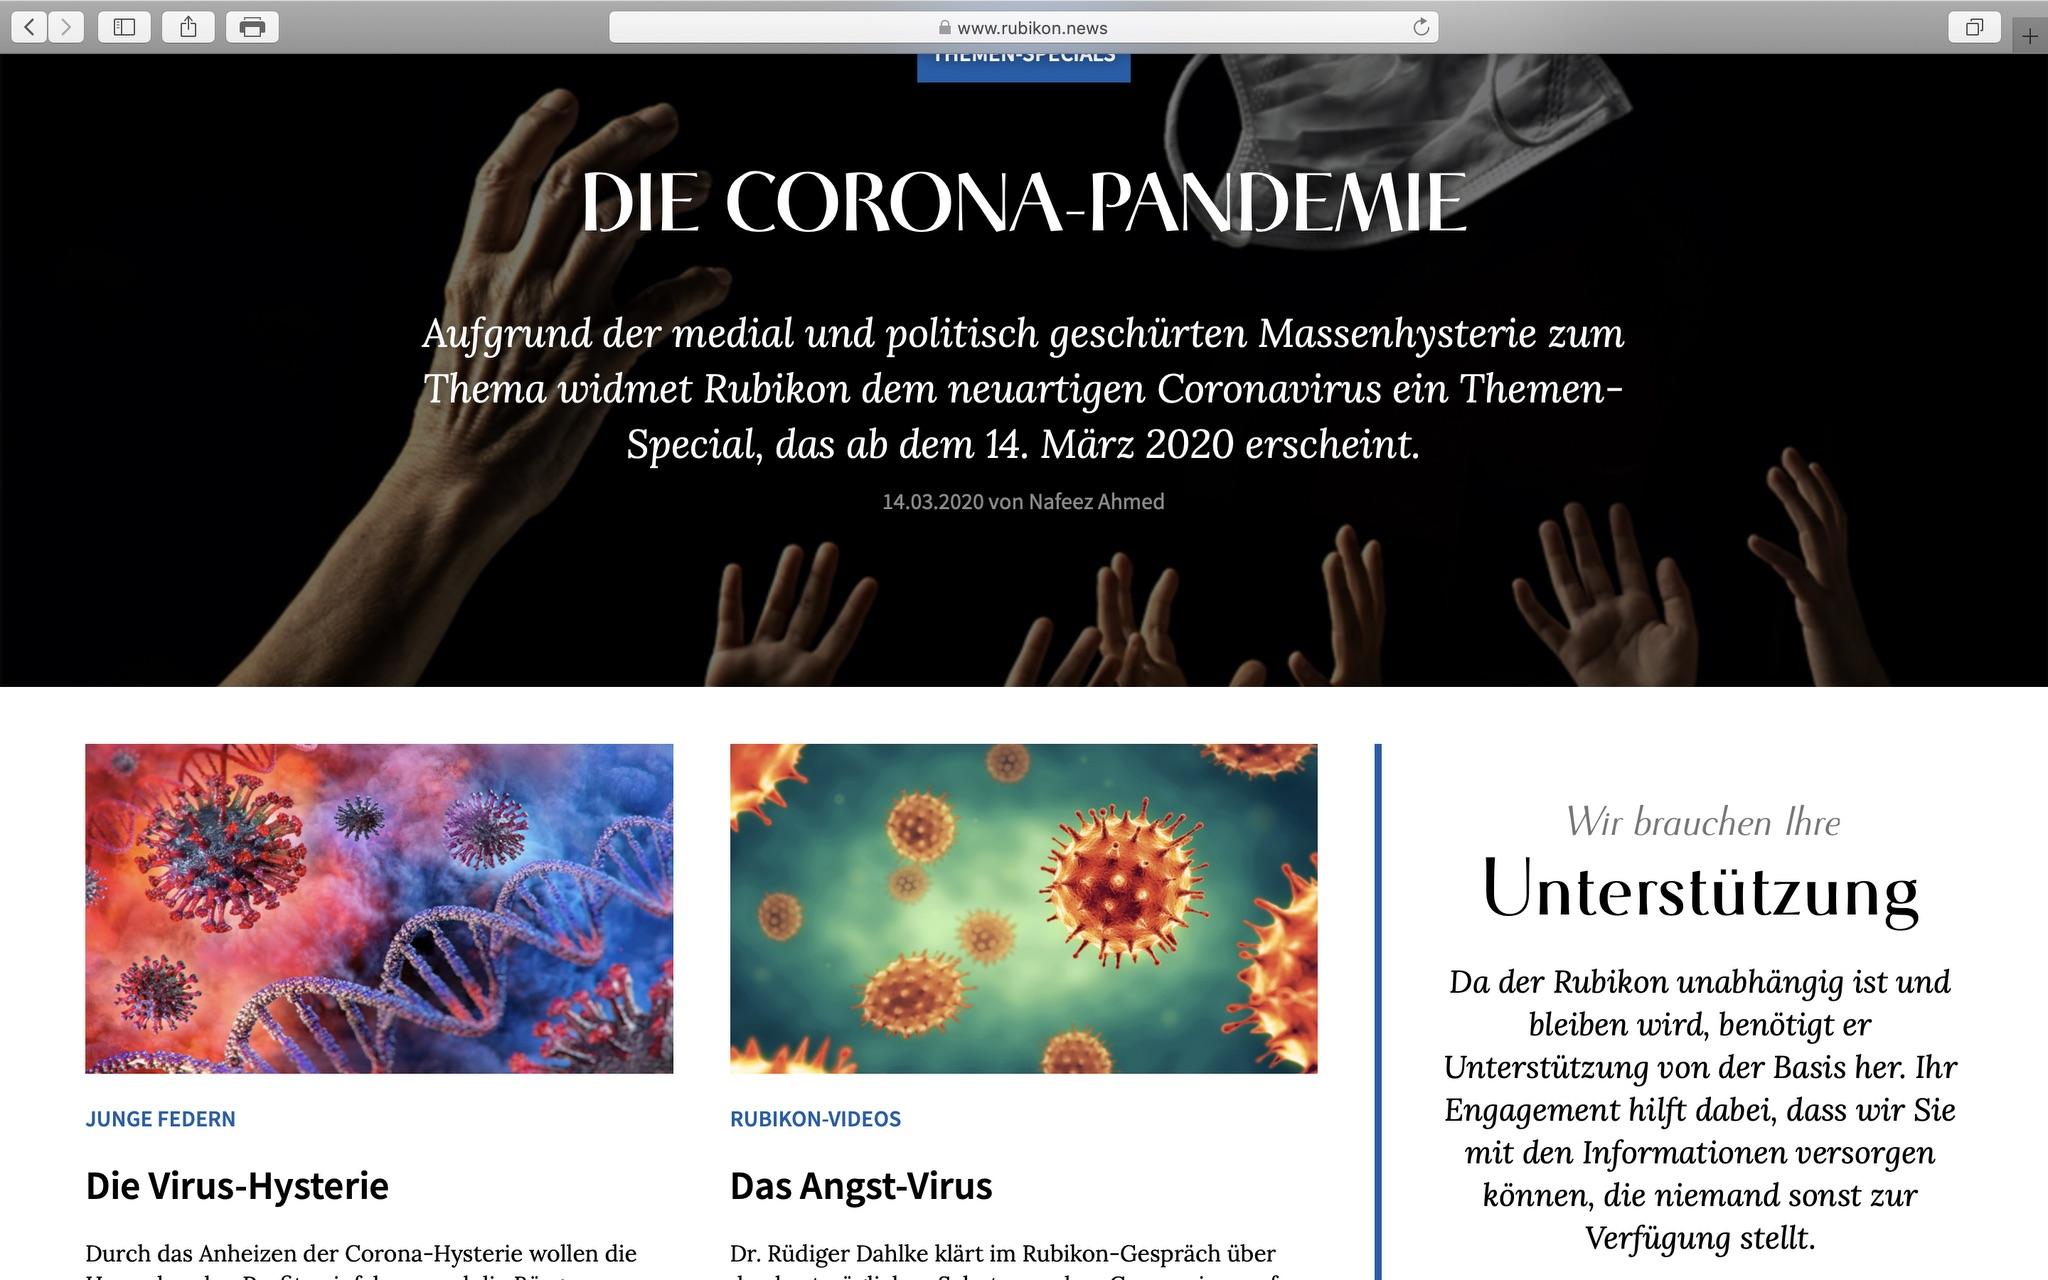 Zweifelhafte Aussagen zur Pandemie: Auf rubikon.news; Screenshot